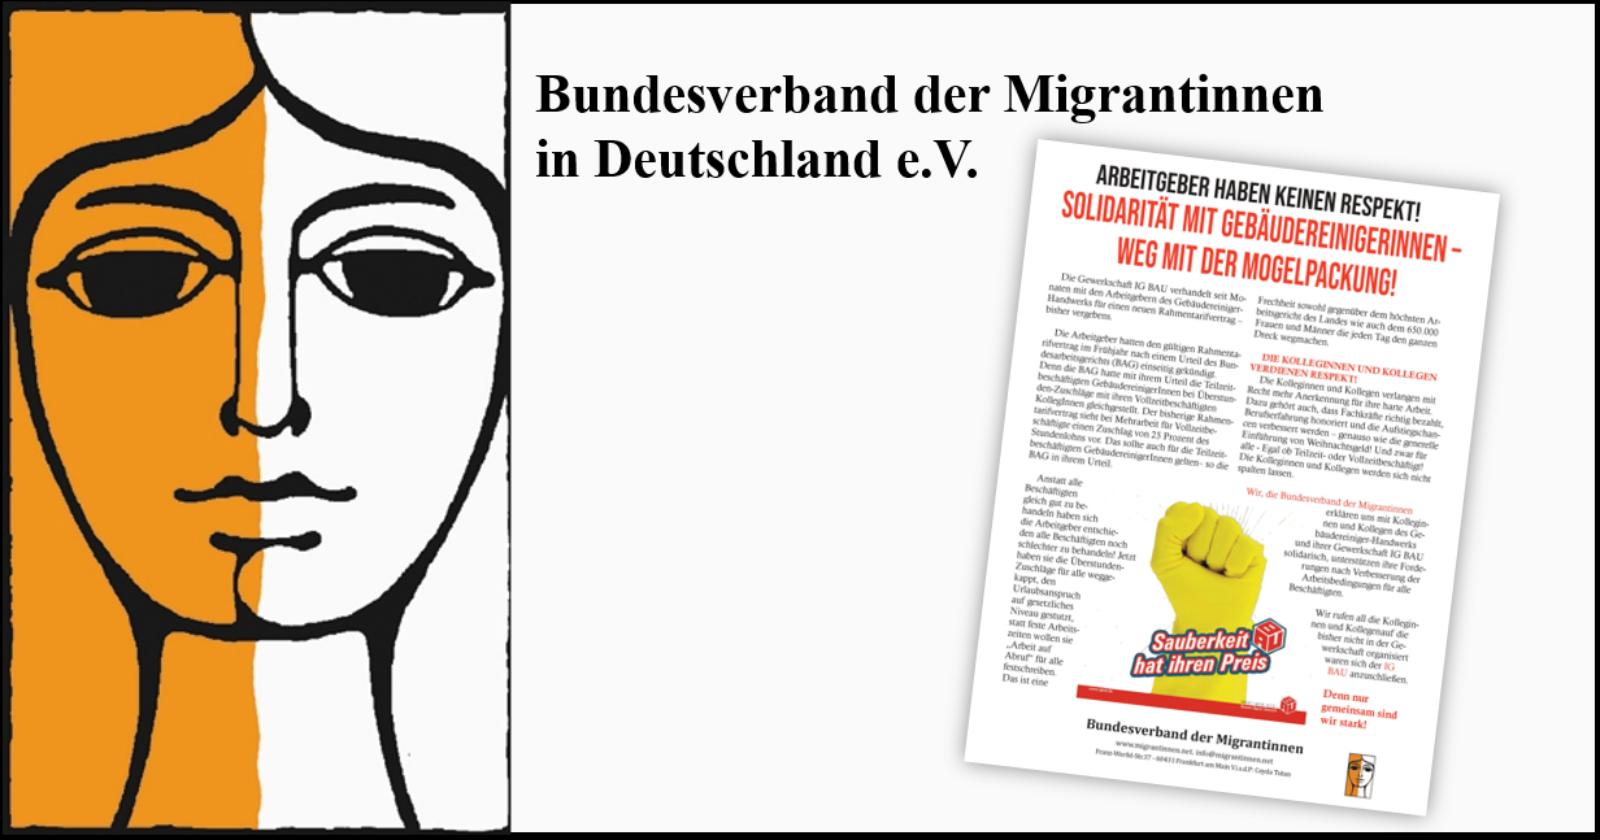 """""""Bundesverband der Migrantinnen in Deutschland unterstützt aktiv Beschäftigte der Gebäudereinigung und IG BAU im Tarifkonflikt"""